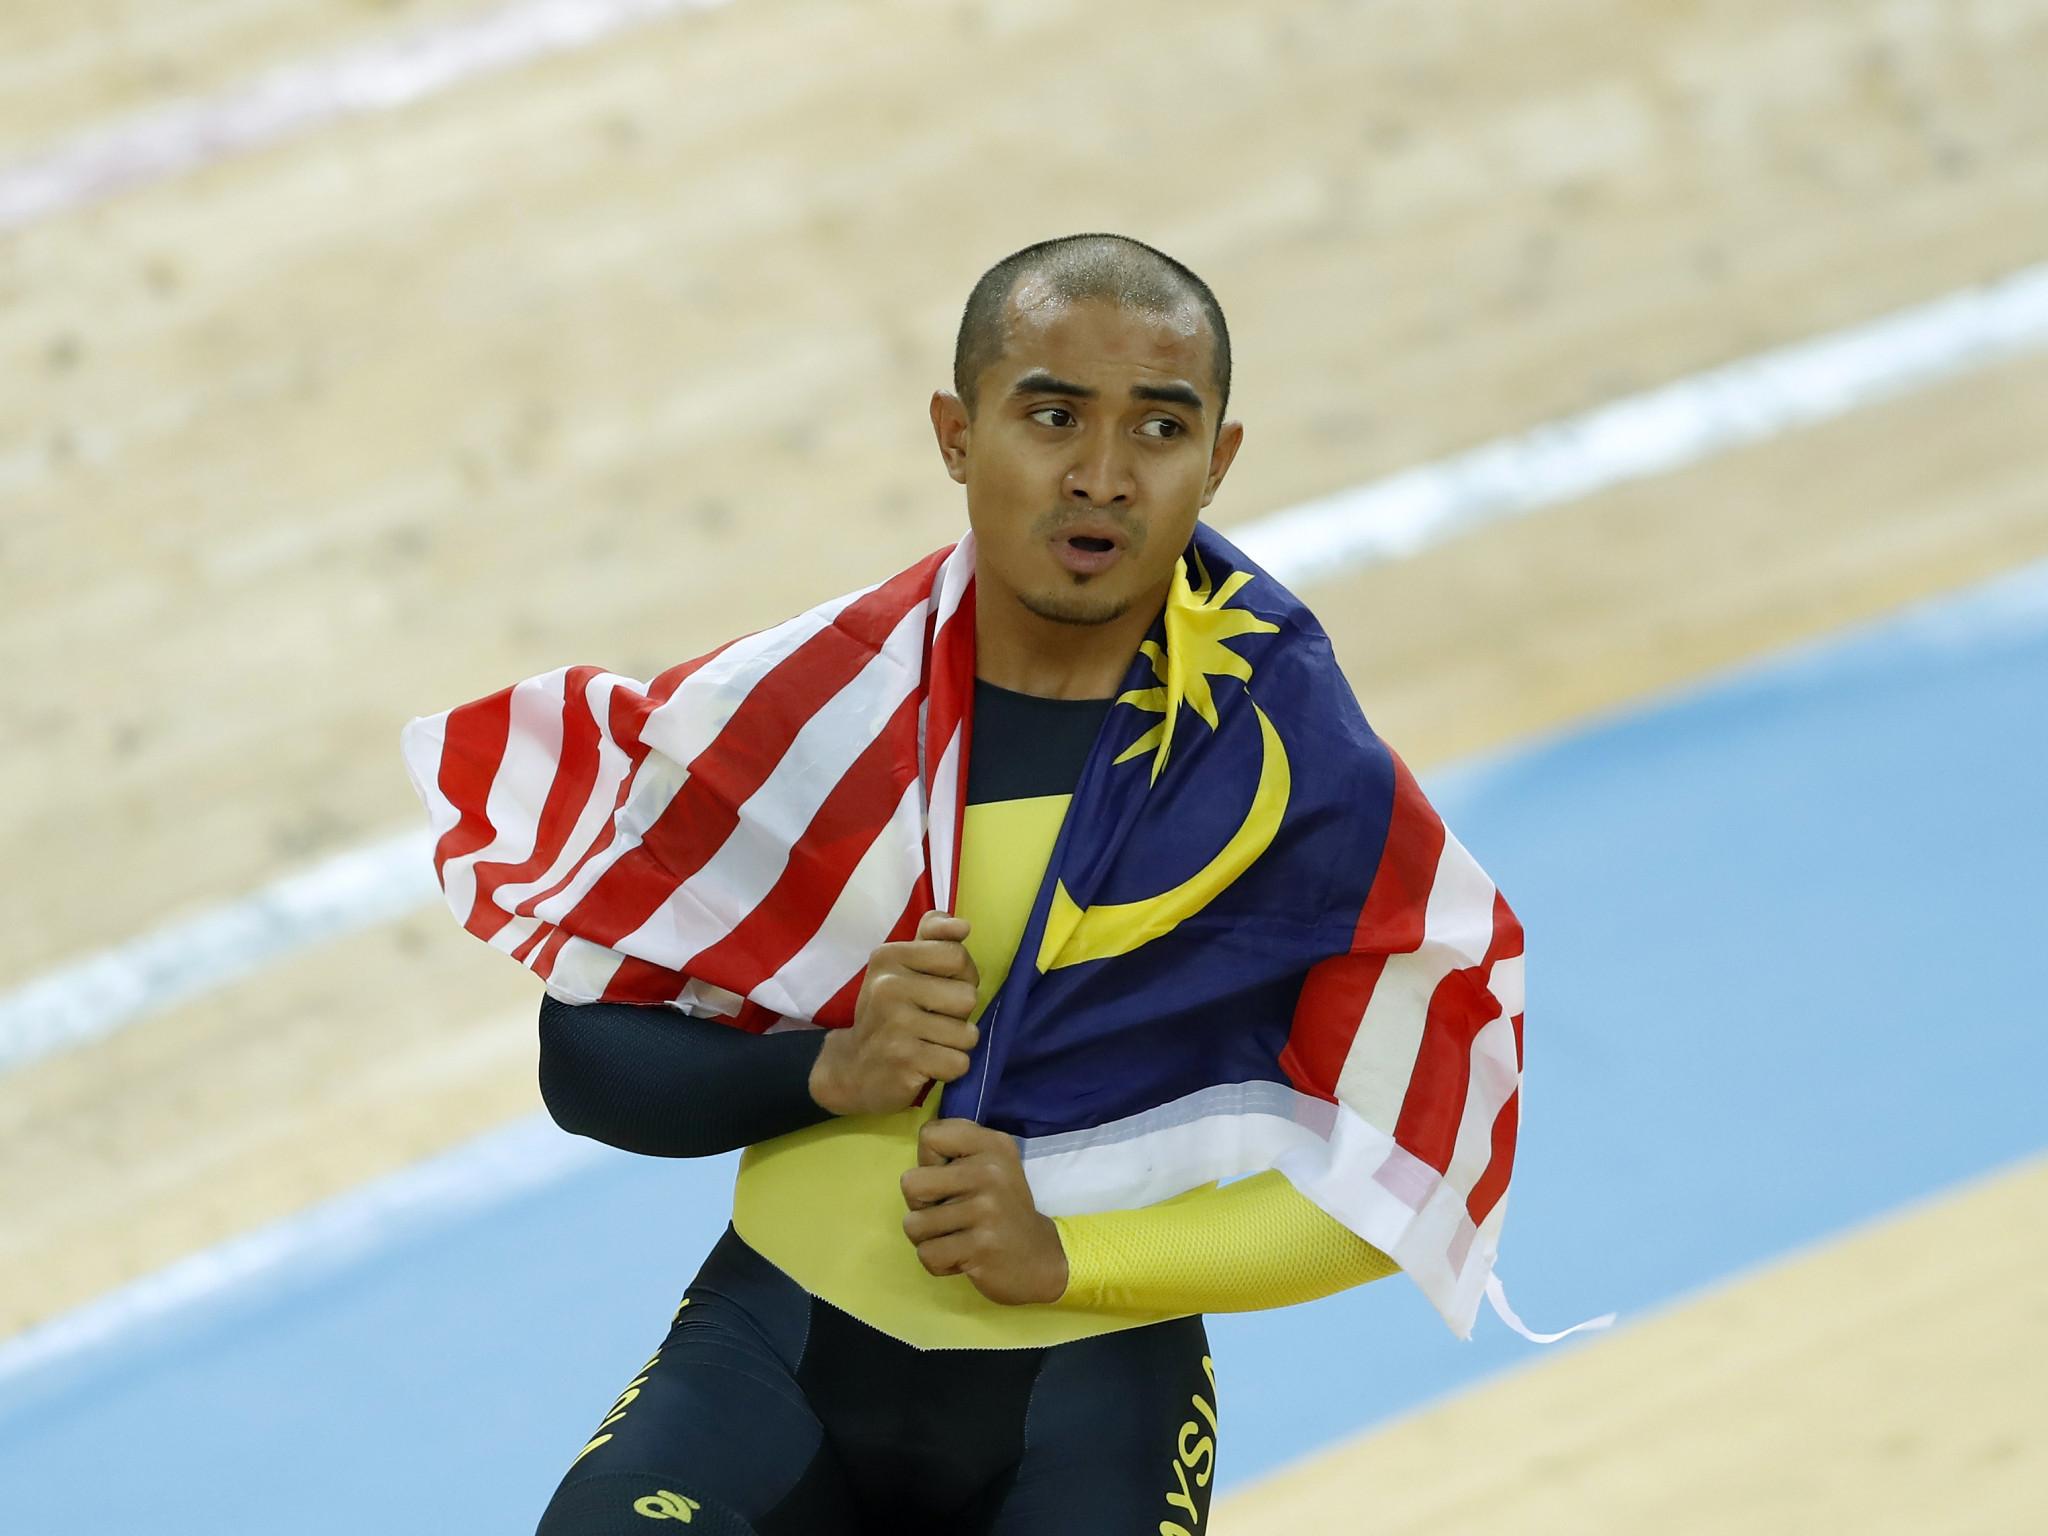 Awang sets new continental record at Asian Track Cycling Championships